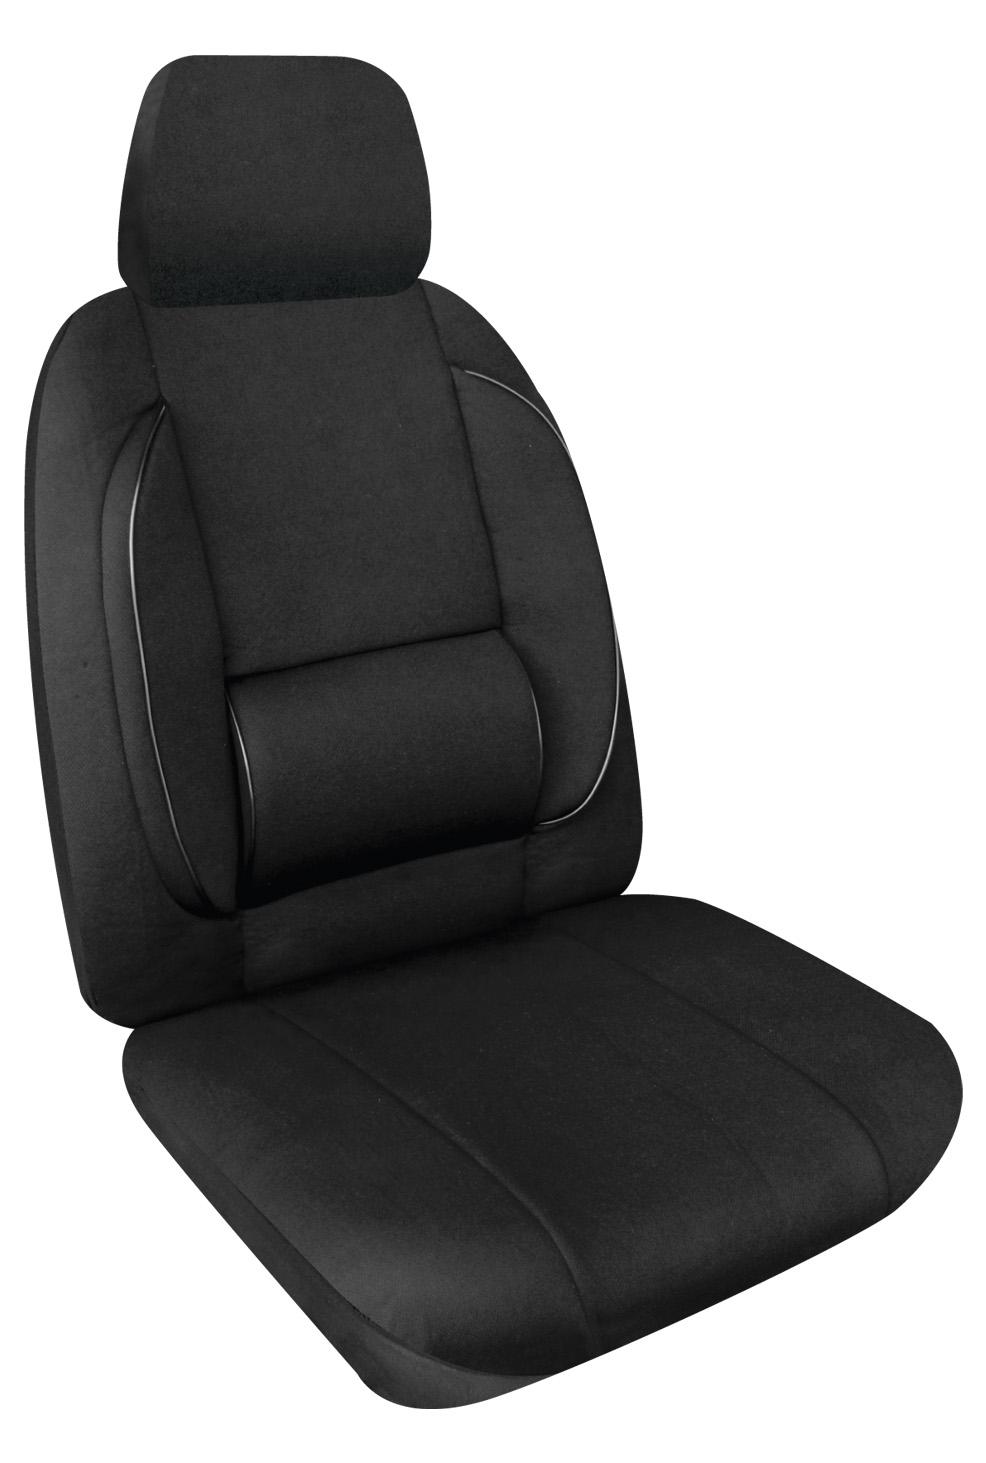 CAR SEAT COVERS DR BACK LUMBAR SUPPORT PN CSLSBLK30